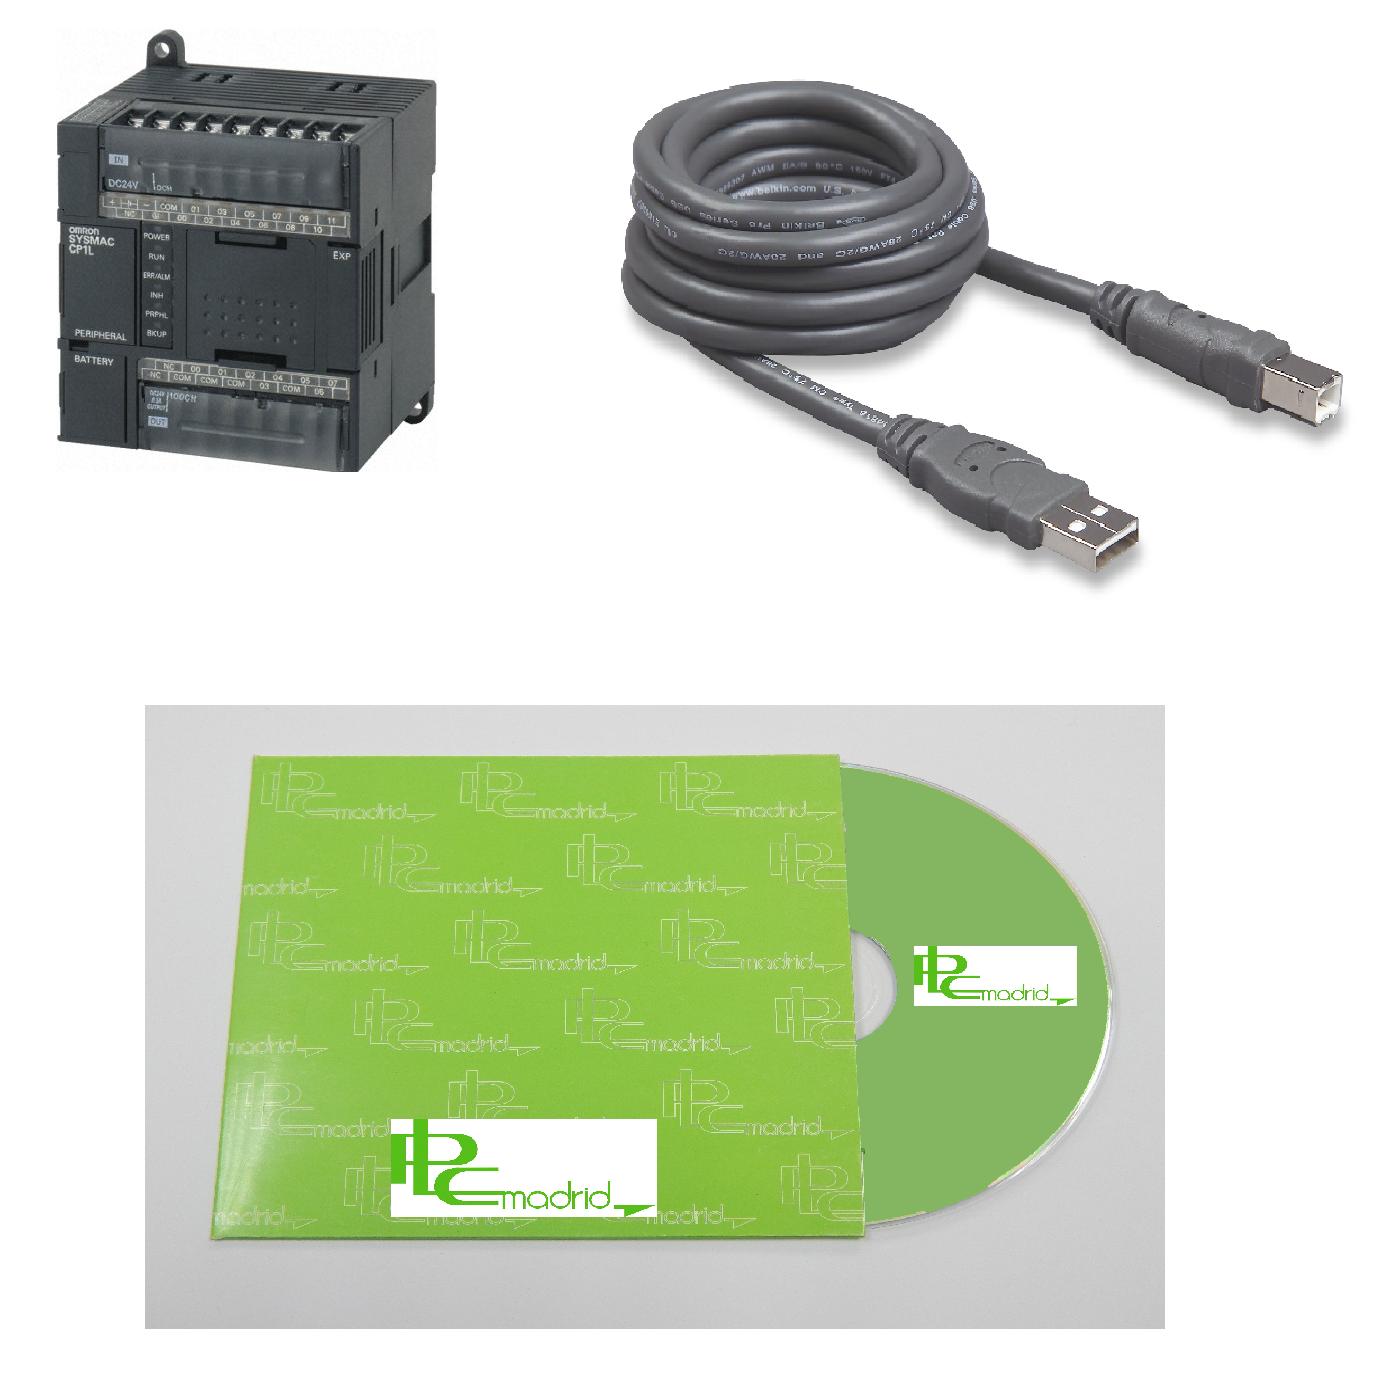 Autómata CP1L-L14DR-A + Cable conexión PC + CD Formación